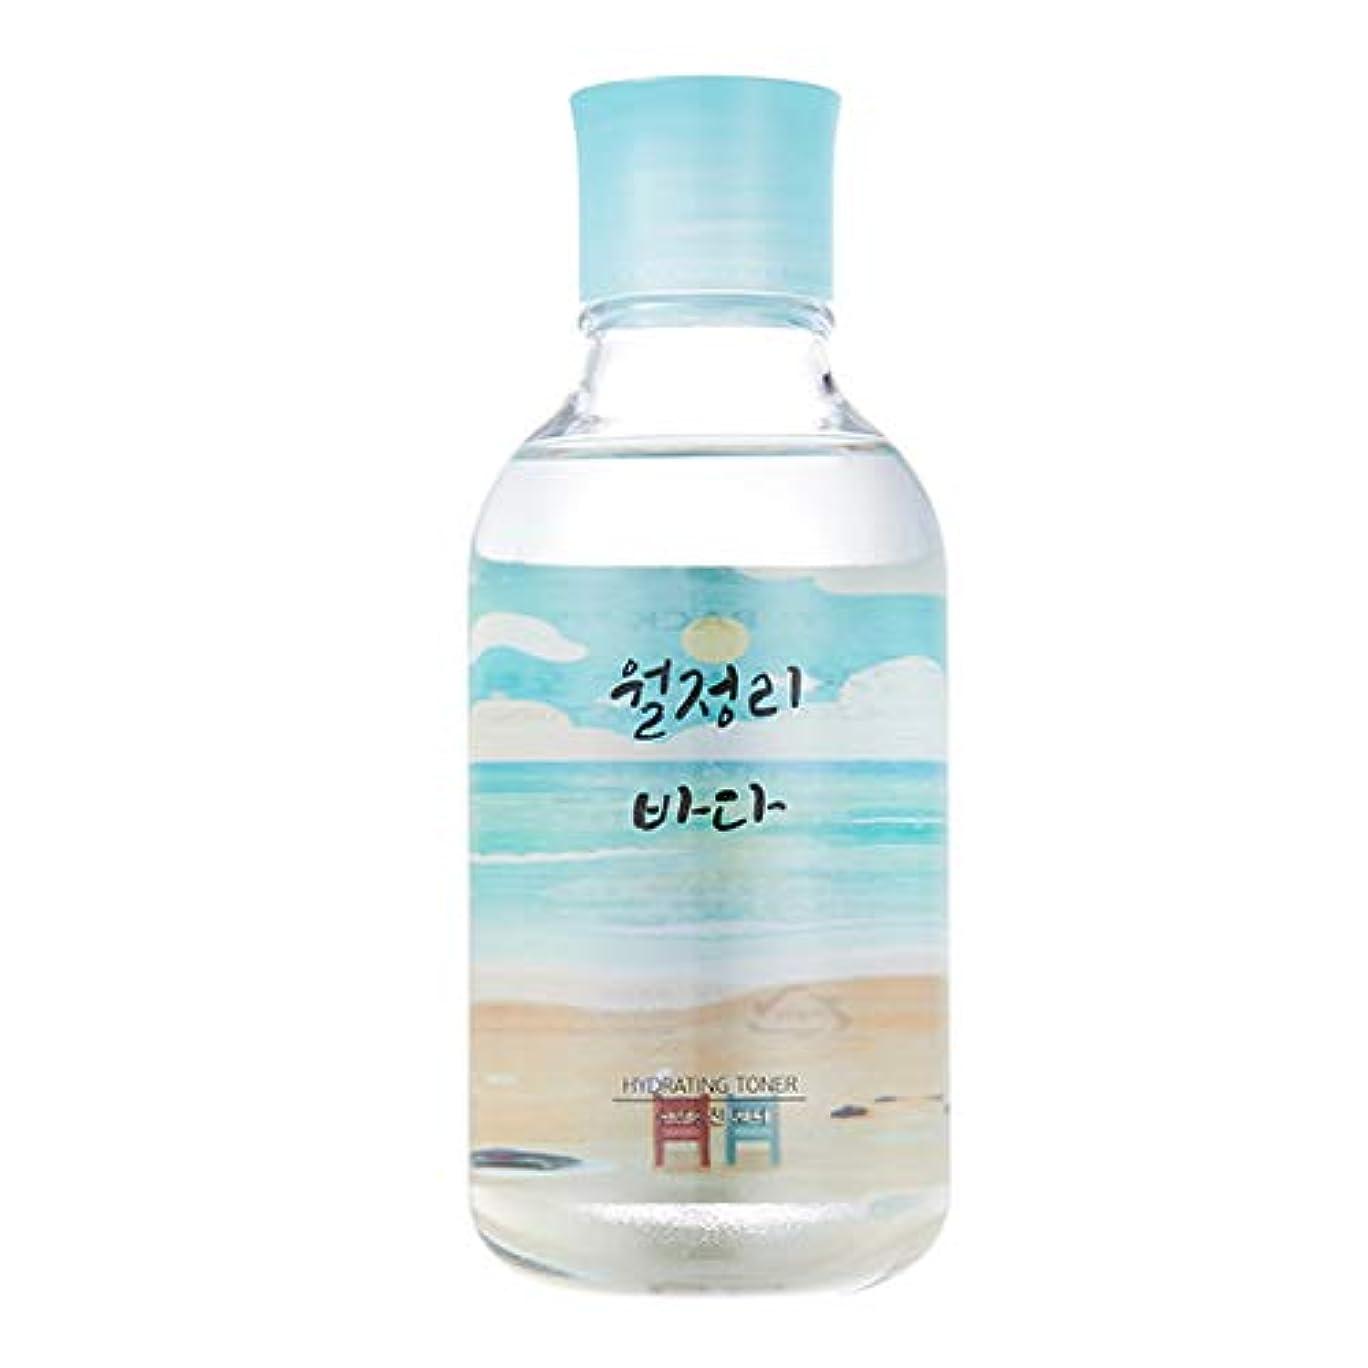 等パン検出する【PACKAGE】Jeju Mineral Moist Toner 済州 ミネラル 保湿 化粧水 人気 ランキング 美白 おすすめ プチプラ トナー